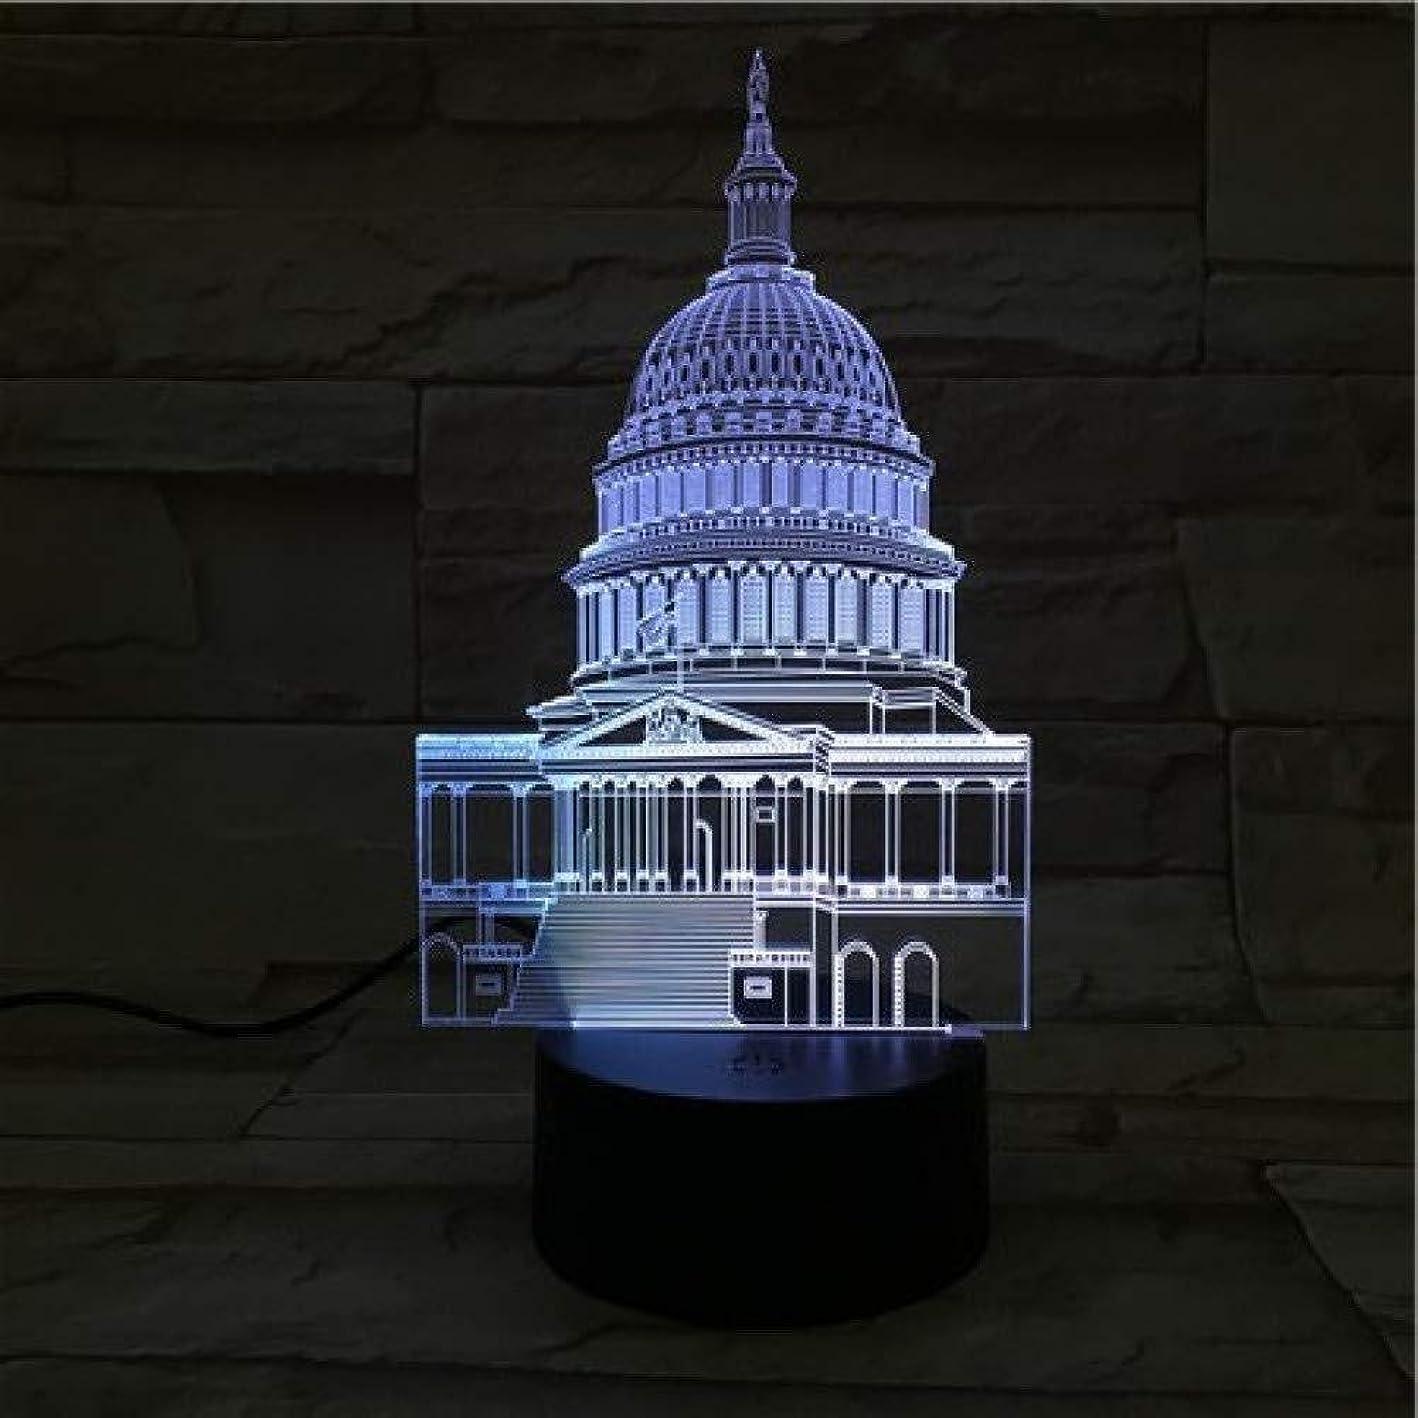 ウェイトレス電気陽性表面3Dイリュージョン有名な建物LEDランプタッチセンサーマルチカラーRGBベッドルームベッドサイドアクリル装飾的なデスクランプキッズフェスティバル誕生日ギフトのUSB充電